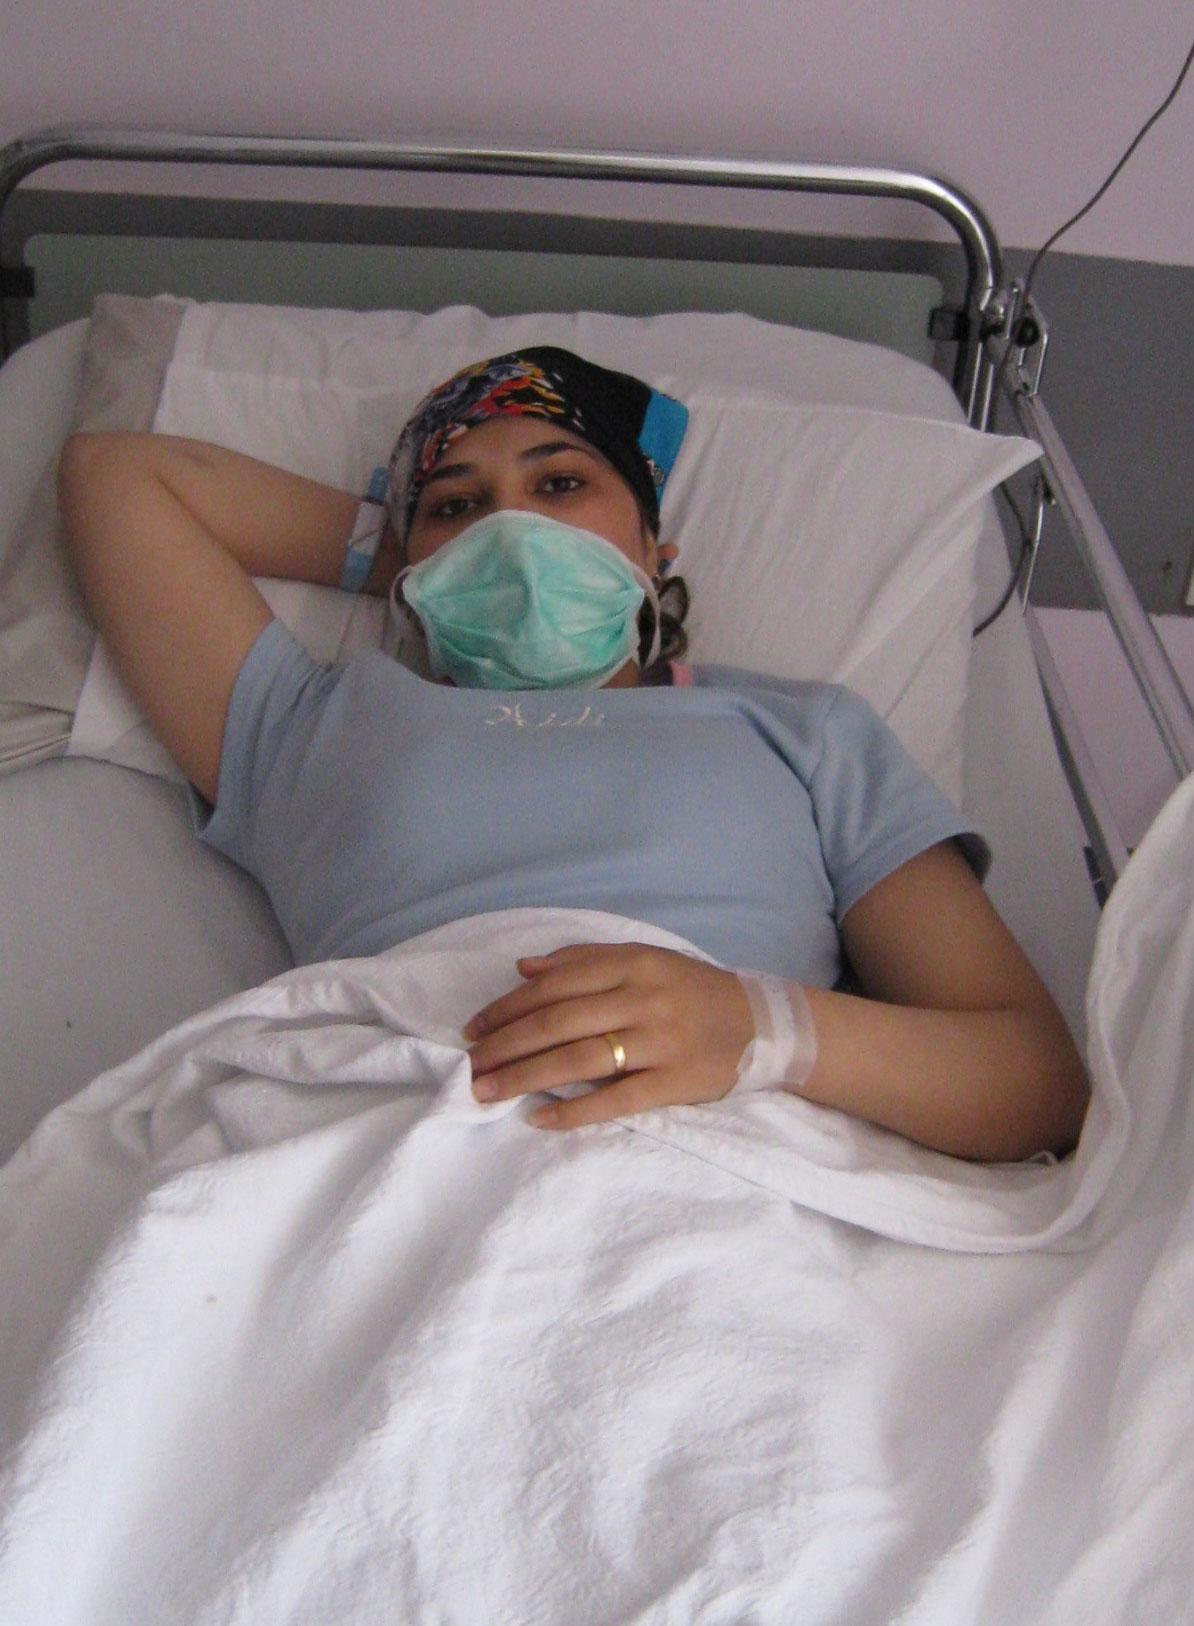 アリーとラーラ・・・病気と闘うイラク人夫婦_f0155297_2151136.jpg